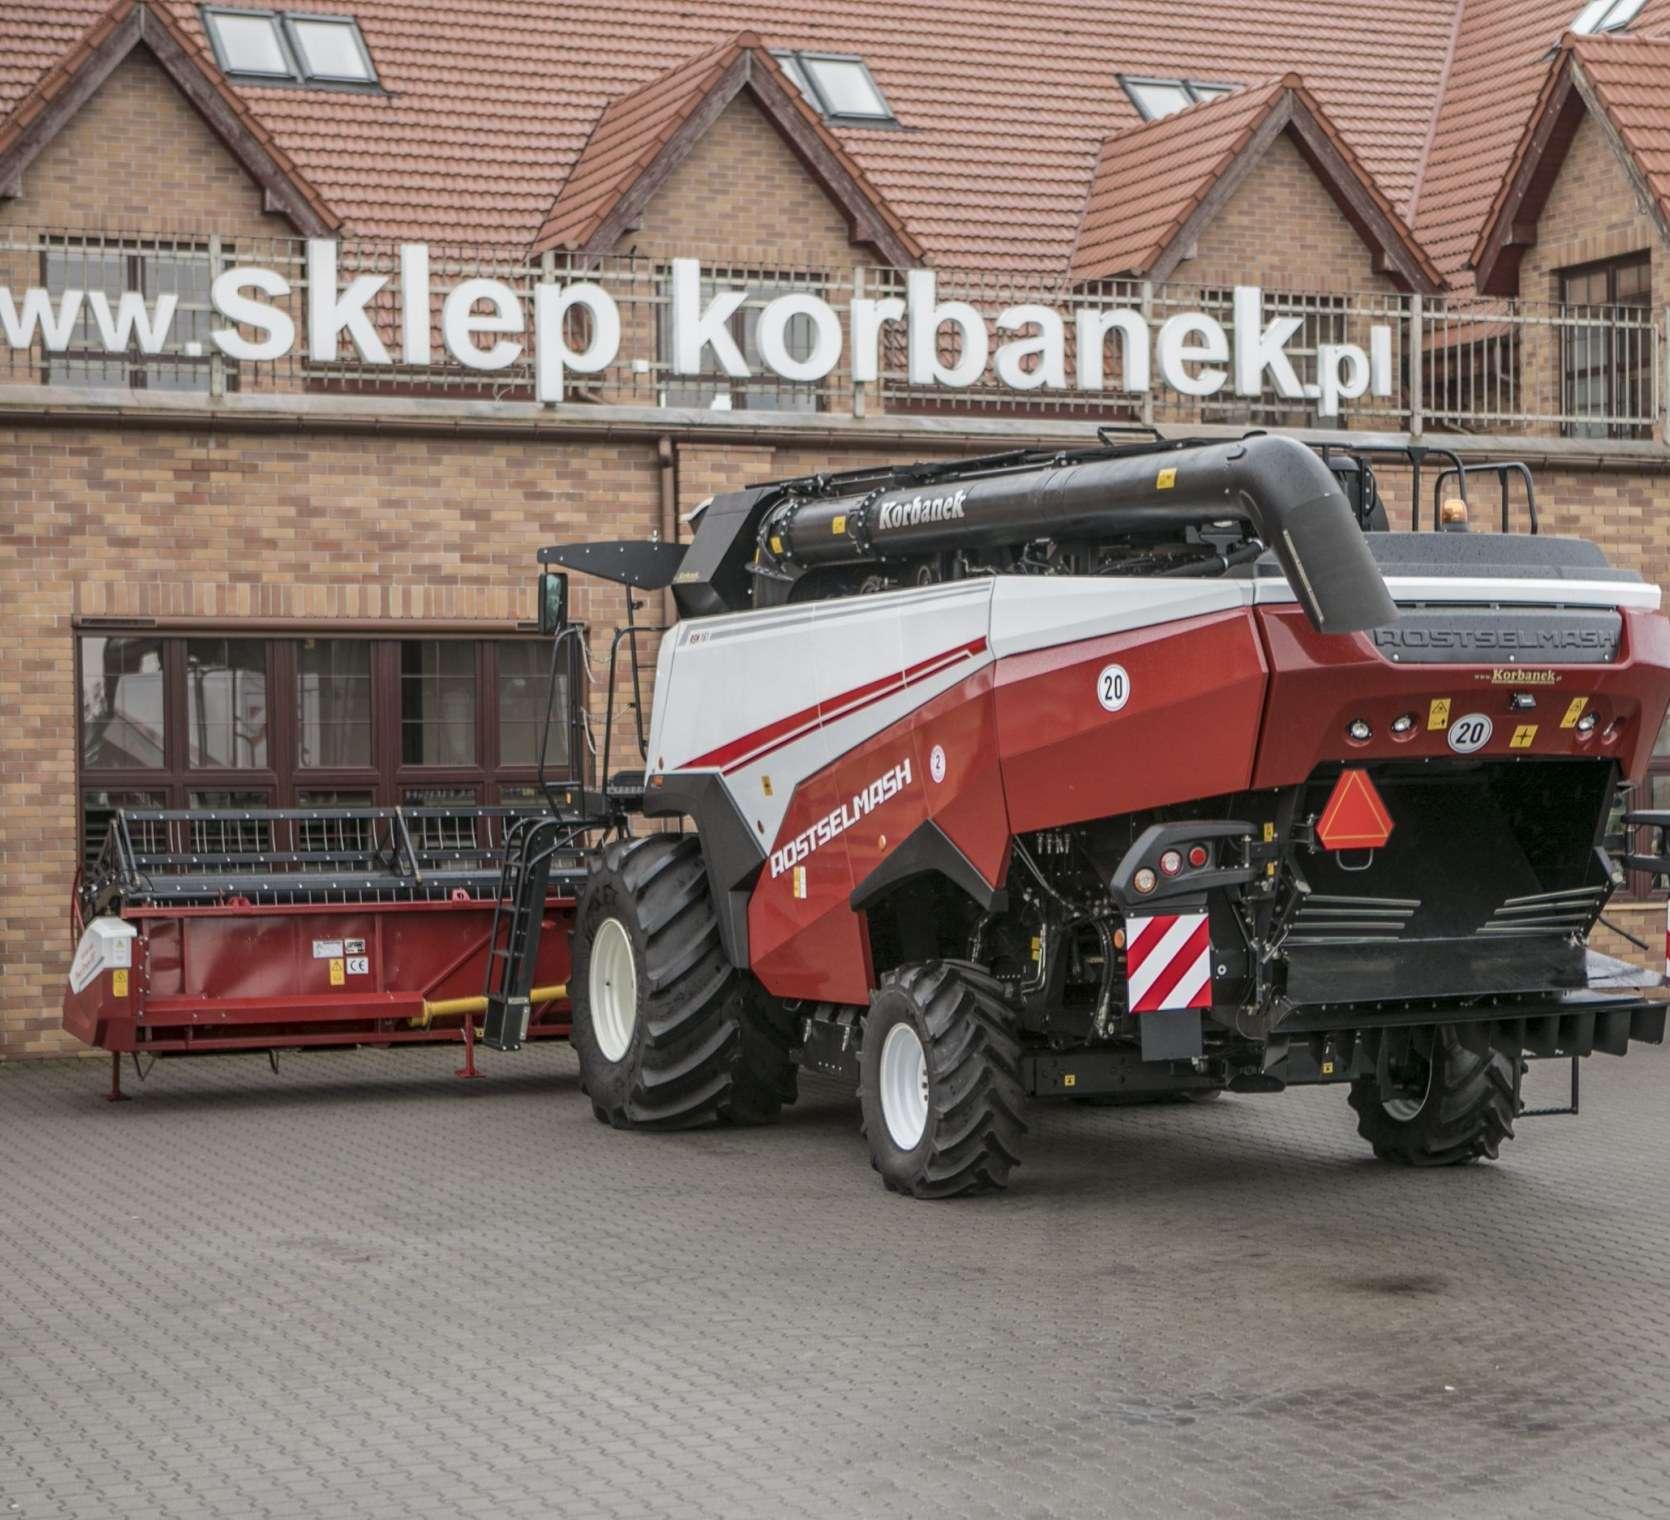 Kombajn zbożowy Rostselmash RSM 161 ogumienie 1050 oferta korbanek.pl